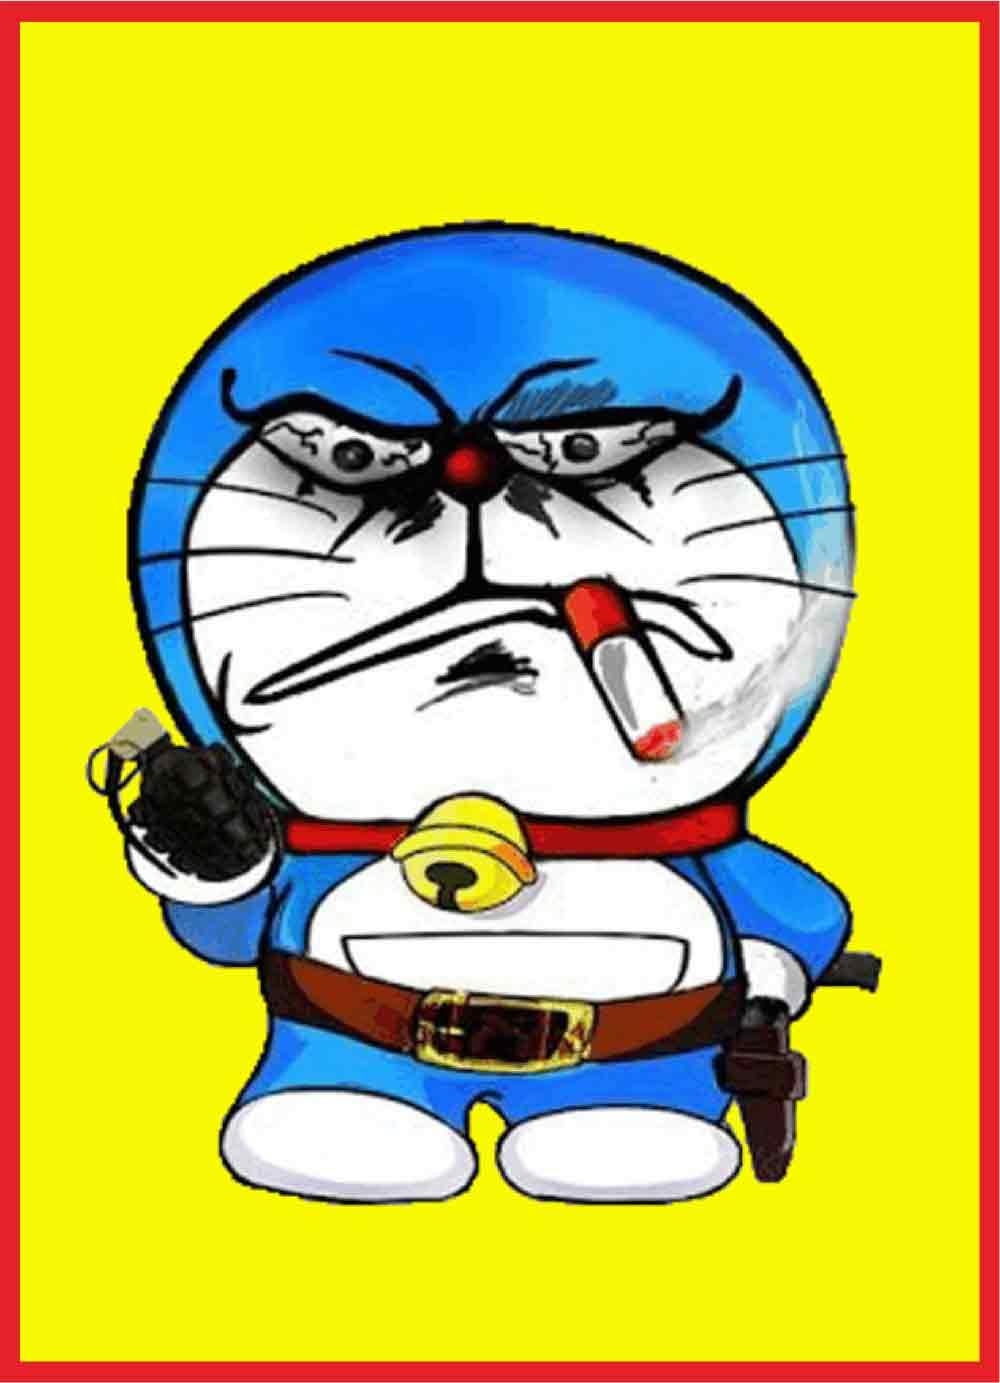 66 Gambar Kartun Doraemon 3d Lucu Sedih Bahagia Jatuh Cinta Terbang Terbaru Dll Seni Budayaku